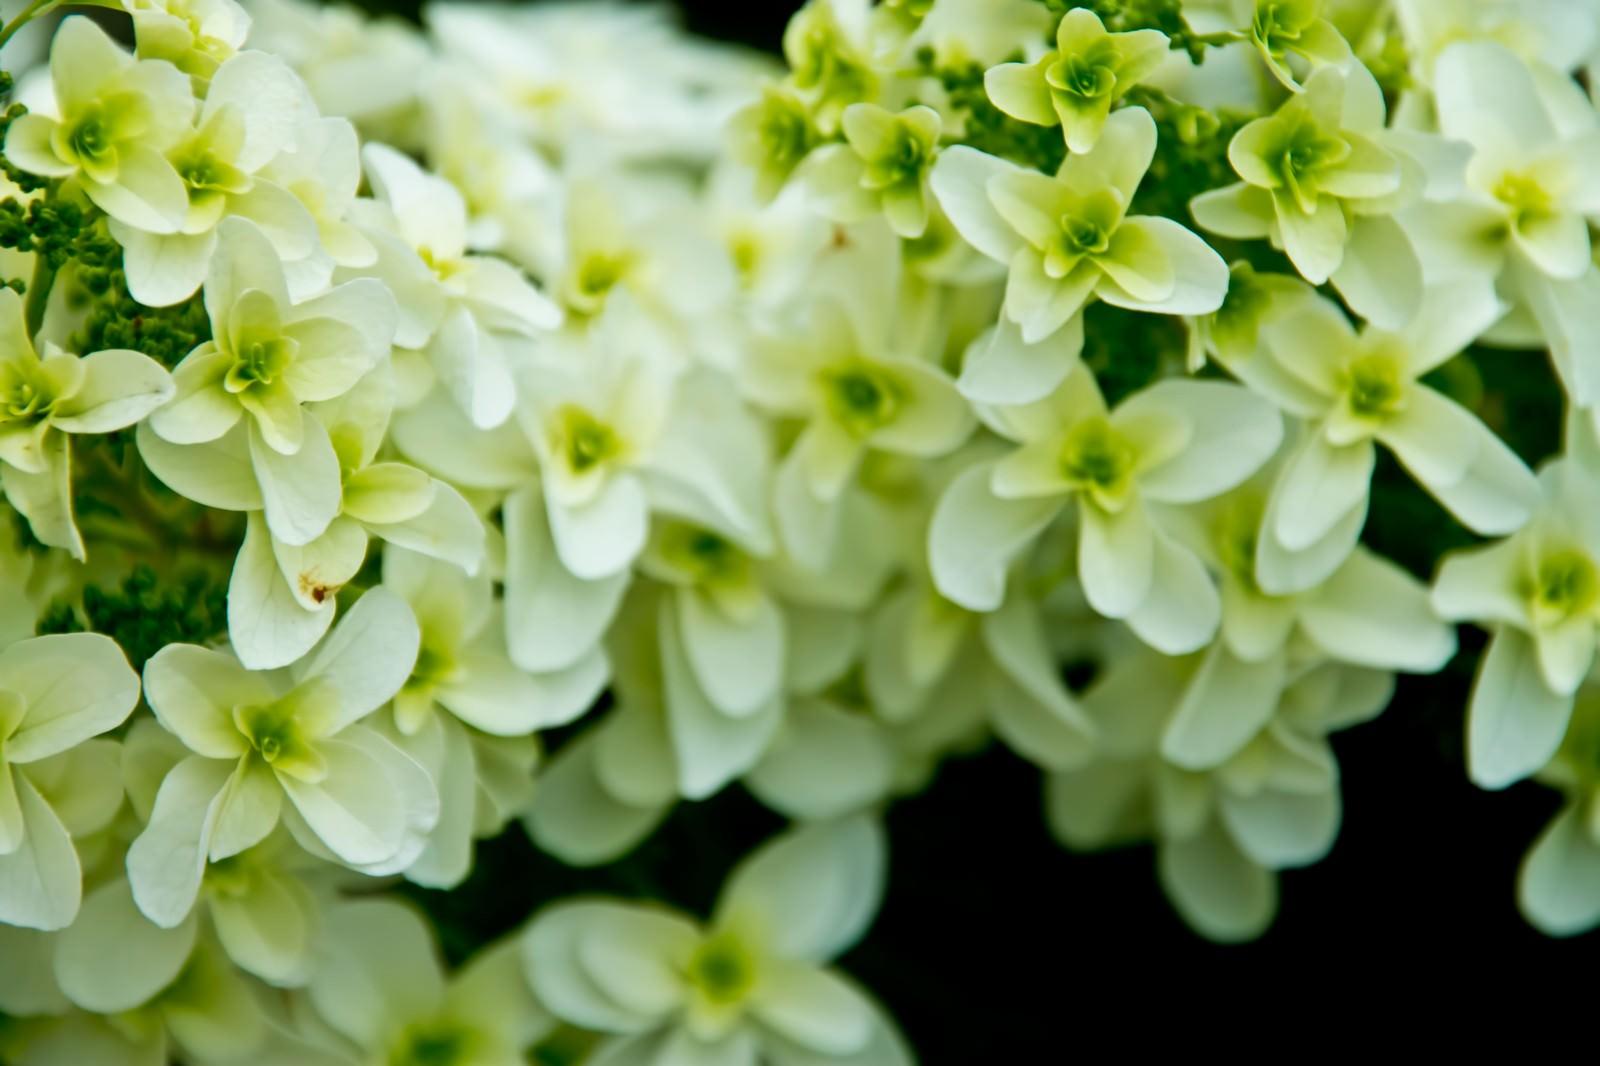 「エメラルド色の花エメラルド色の花」のフリー写真素材を拡大